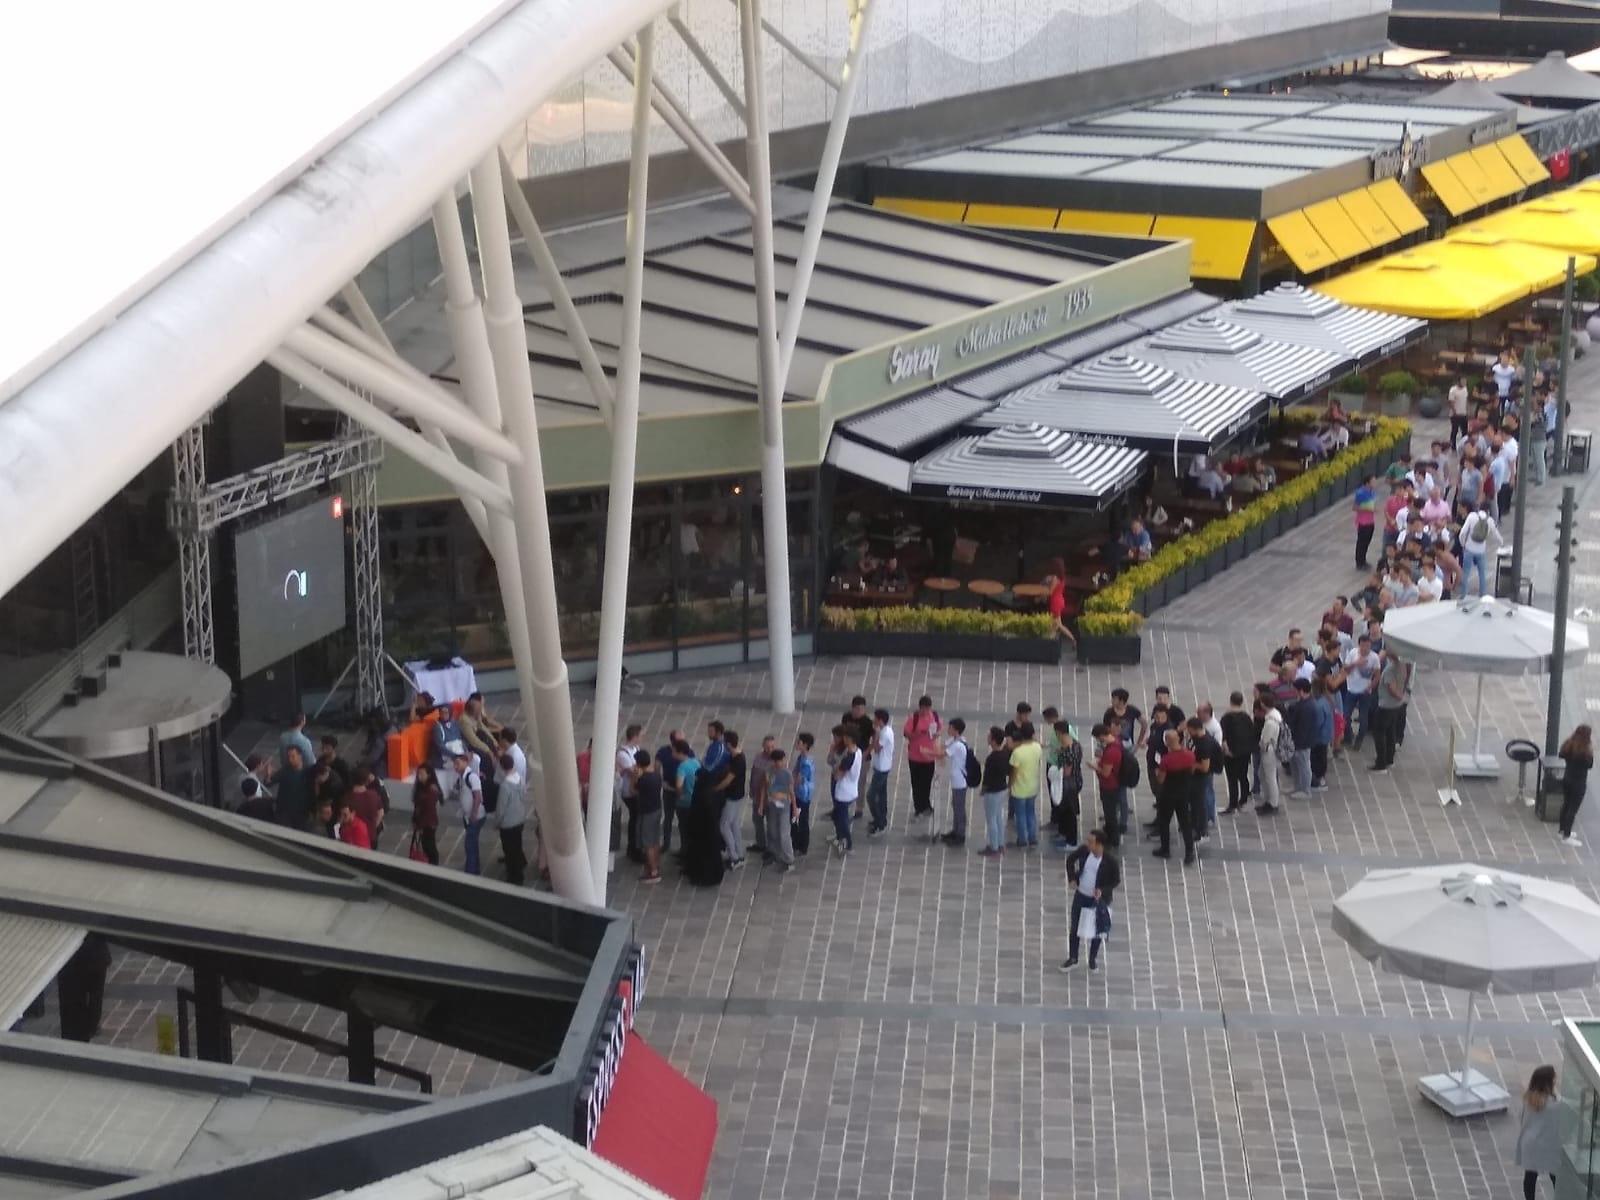 Xiaomi Mi Store'un Türkiye'deki ilk mağazası yoğun bir kalabalıkla açıldı